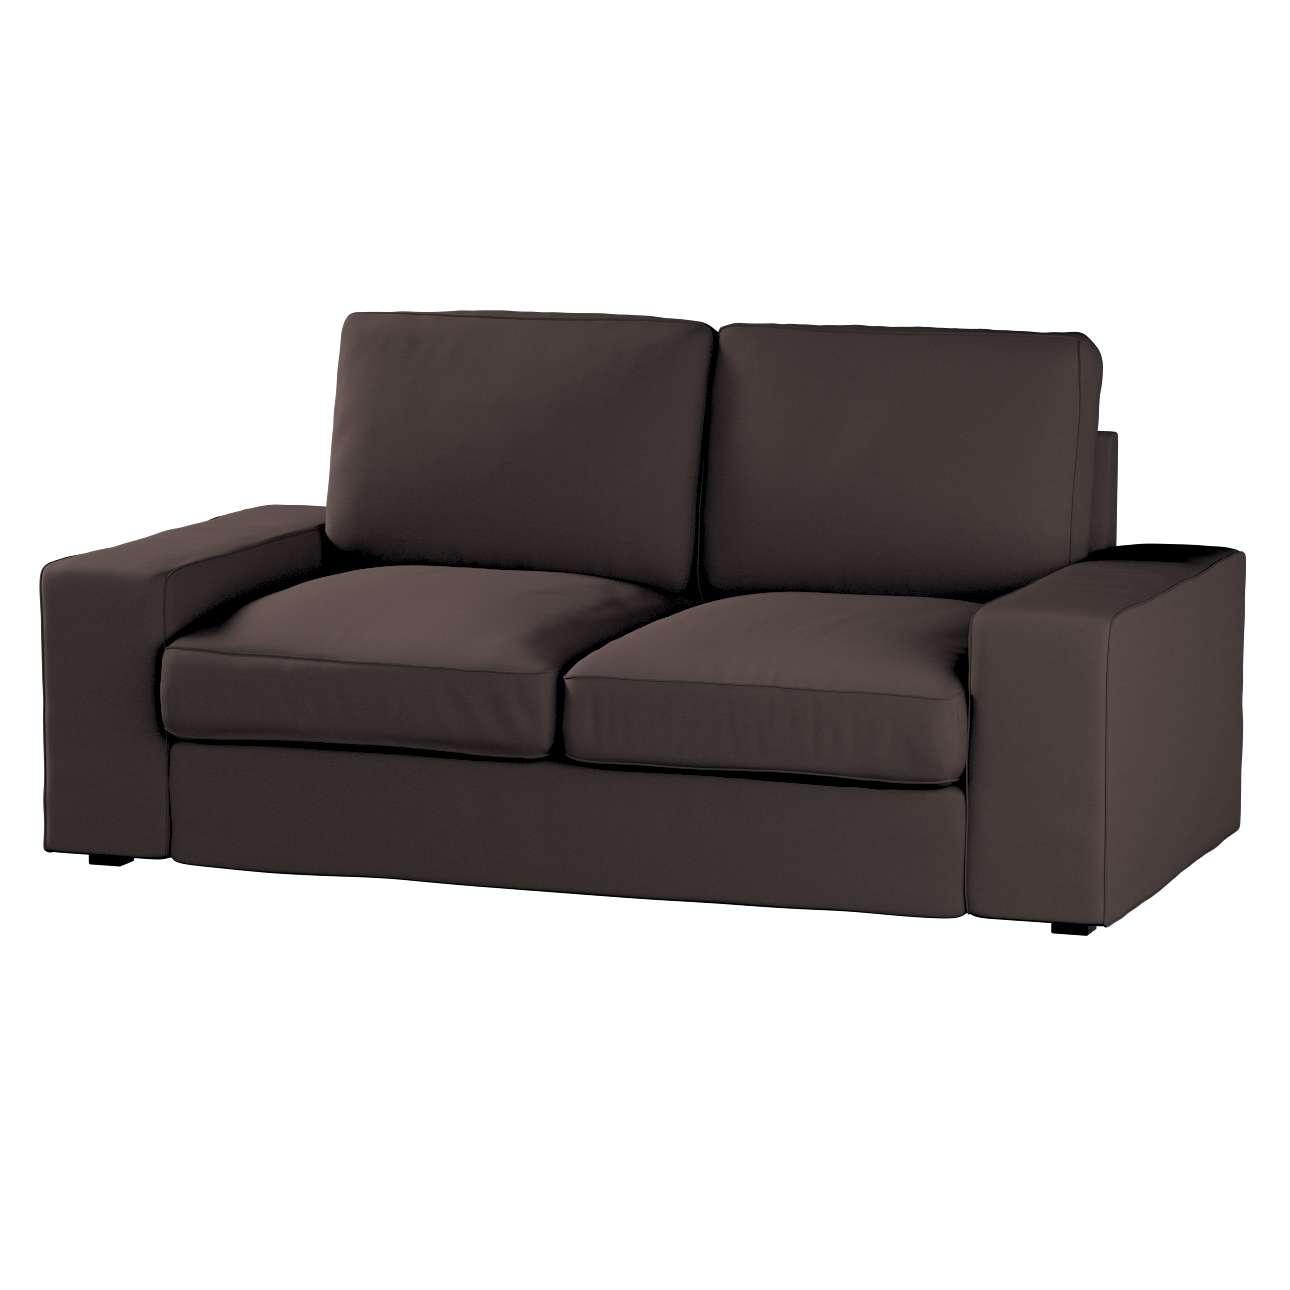 Pokrowiec na sofę Kivik 2-osobową, nierozkładaną Sofa Kivik 2-osobowa w kolekcji Cotton Panama, tkanina: 702-03